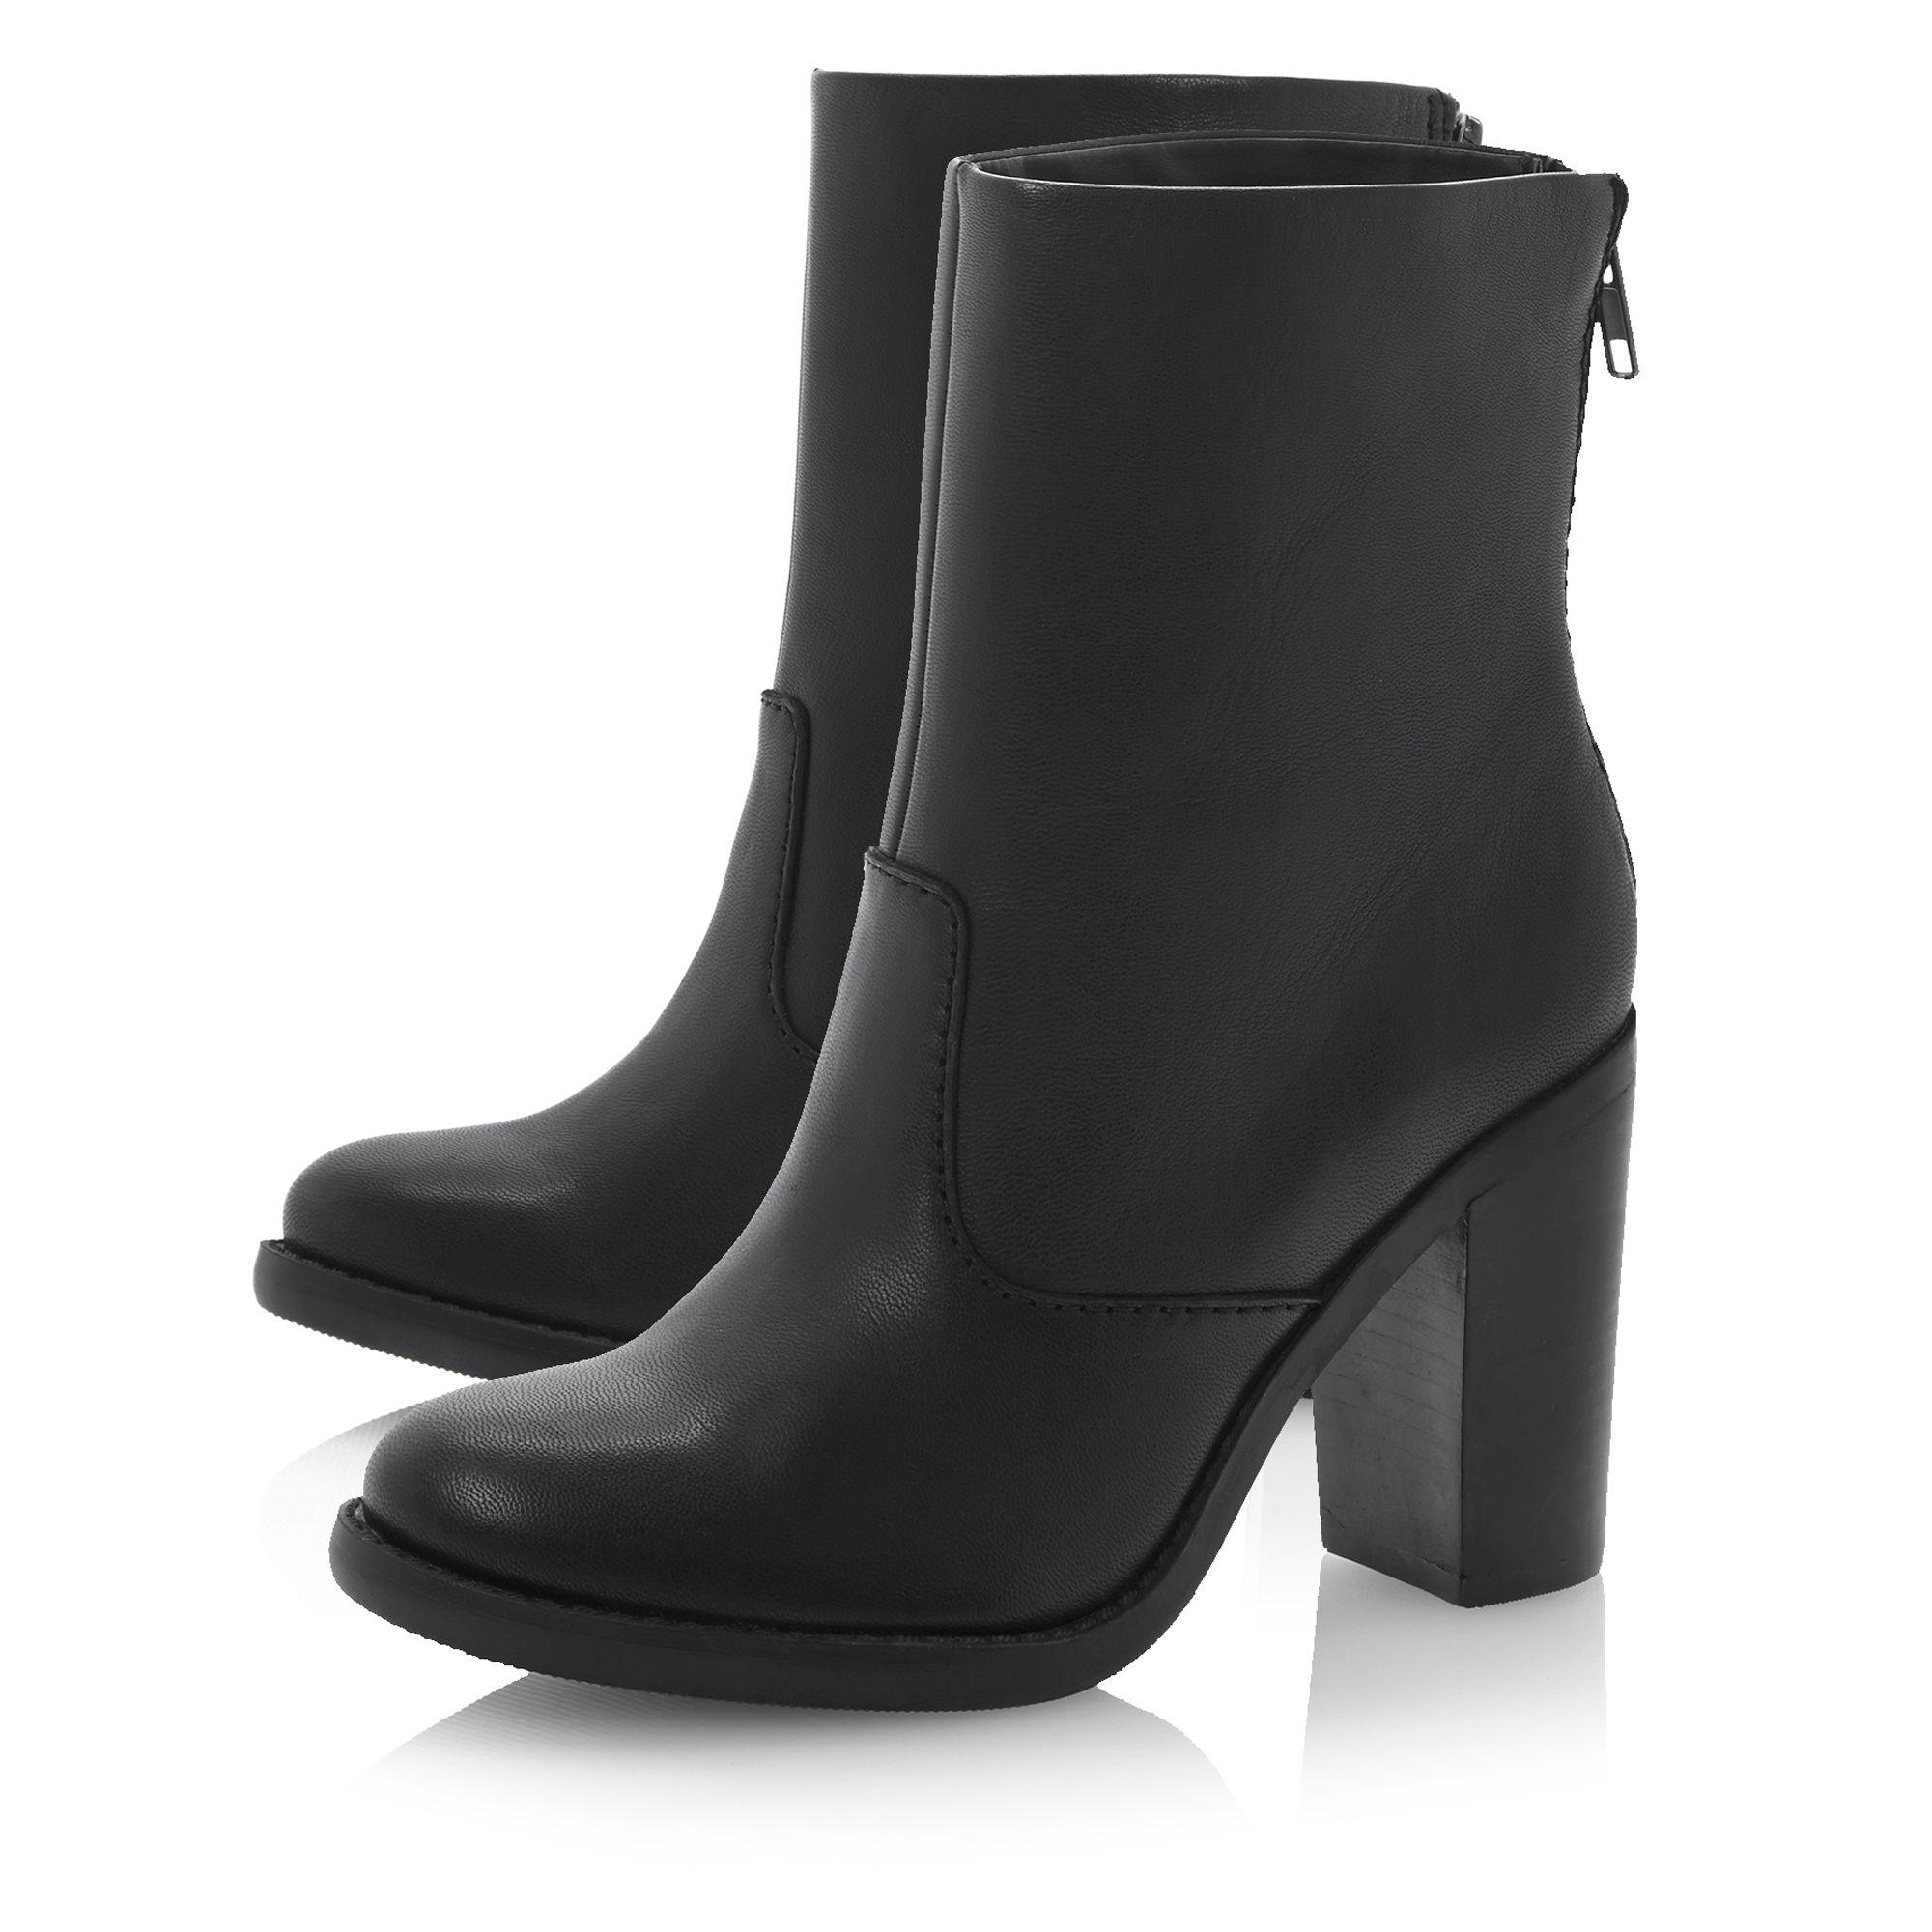 Steve Madden Sanjose Sm Leather Zip Back Boots in Black Leather (Black)